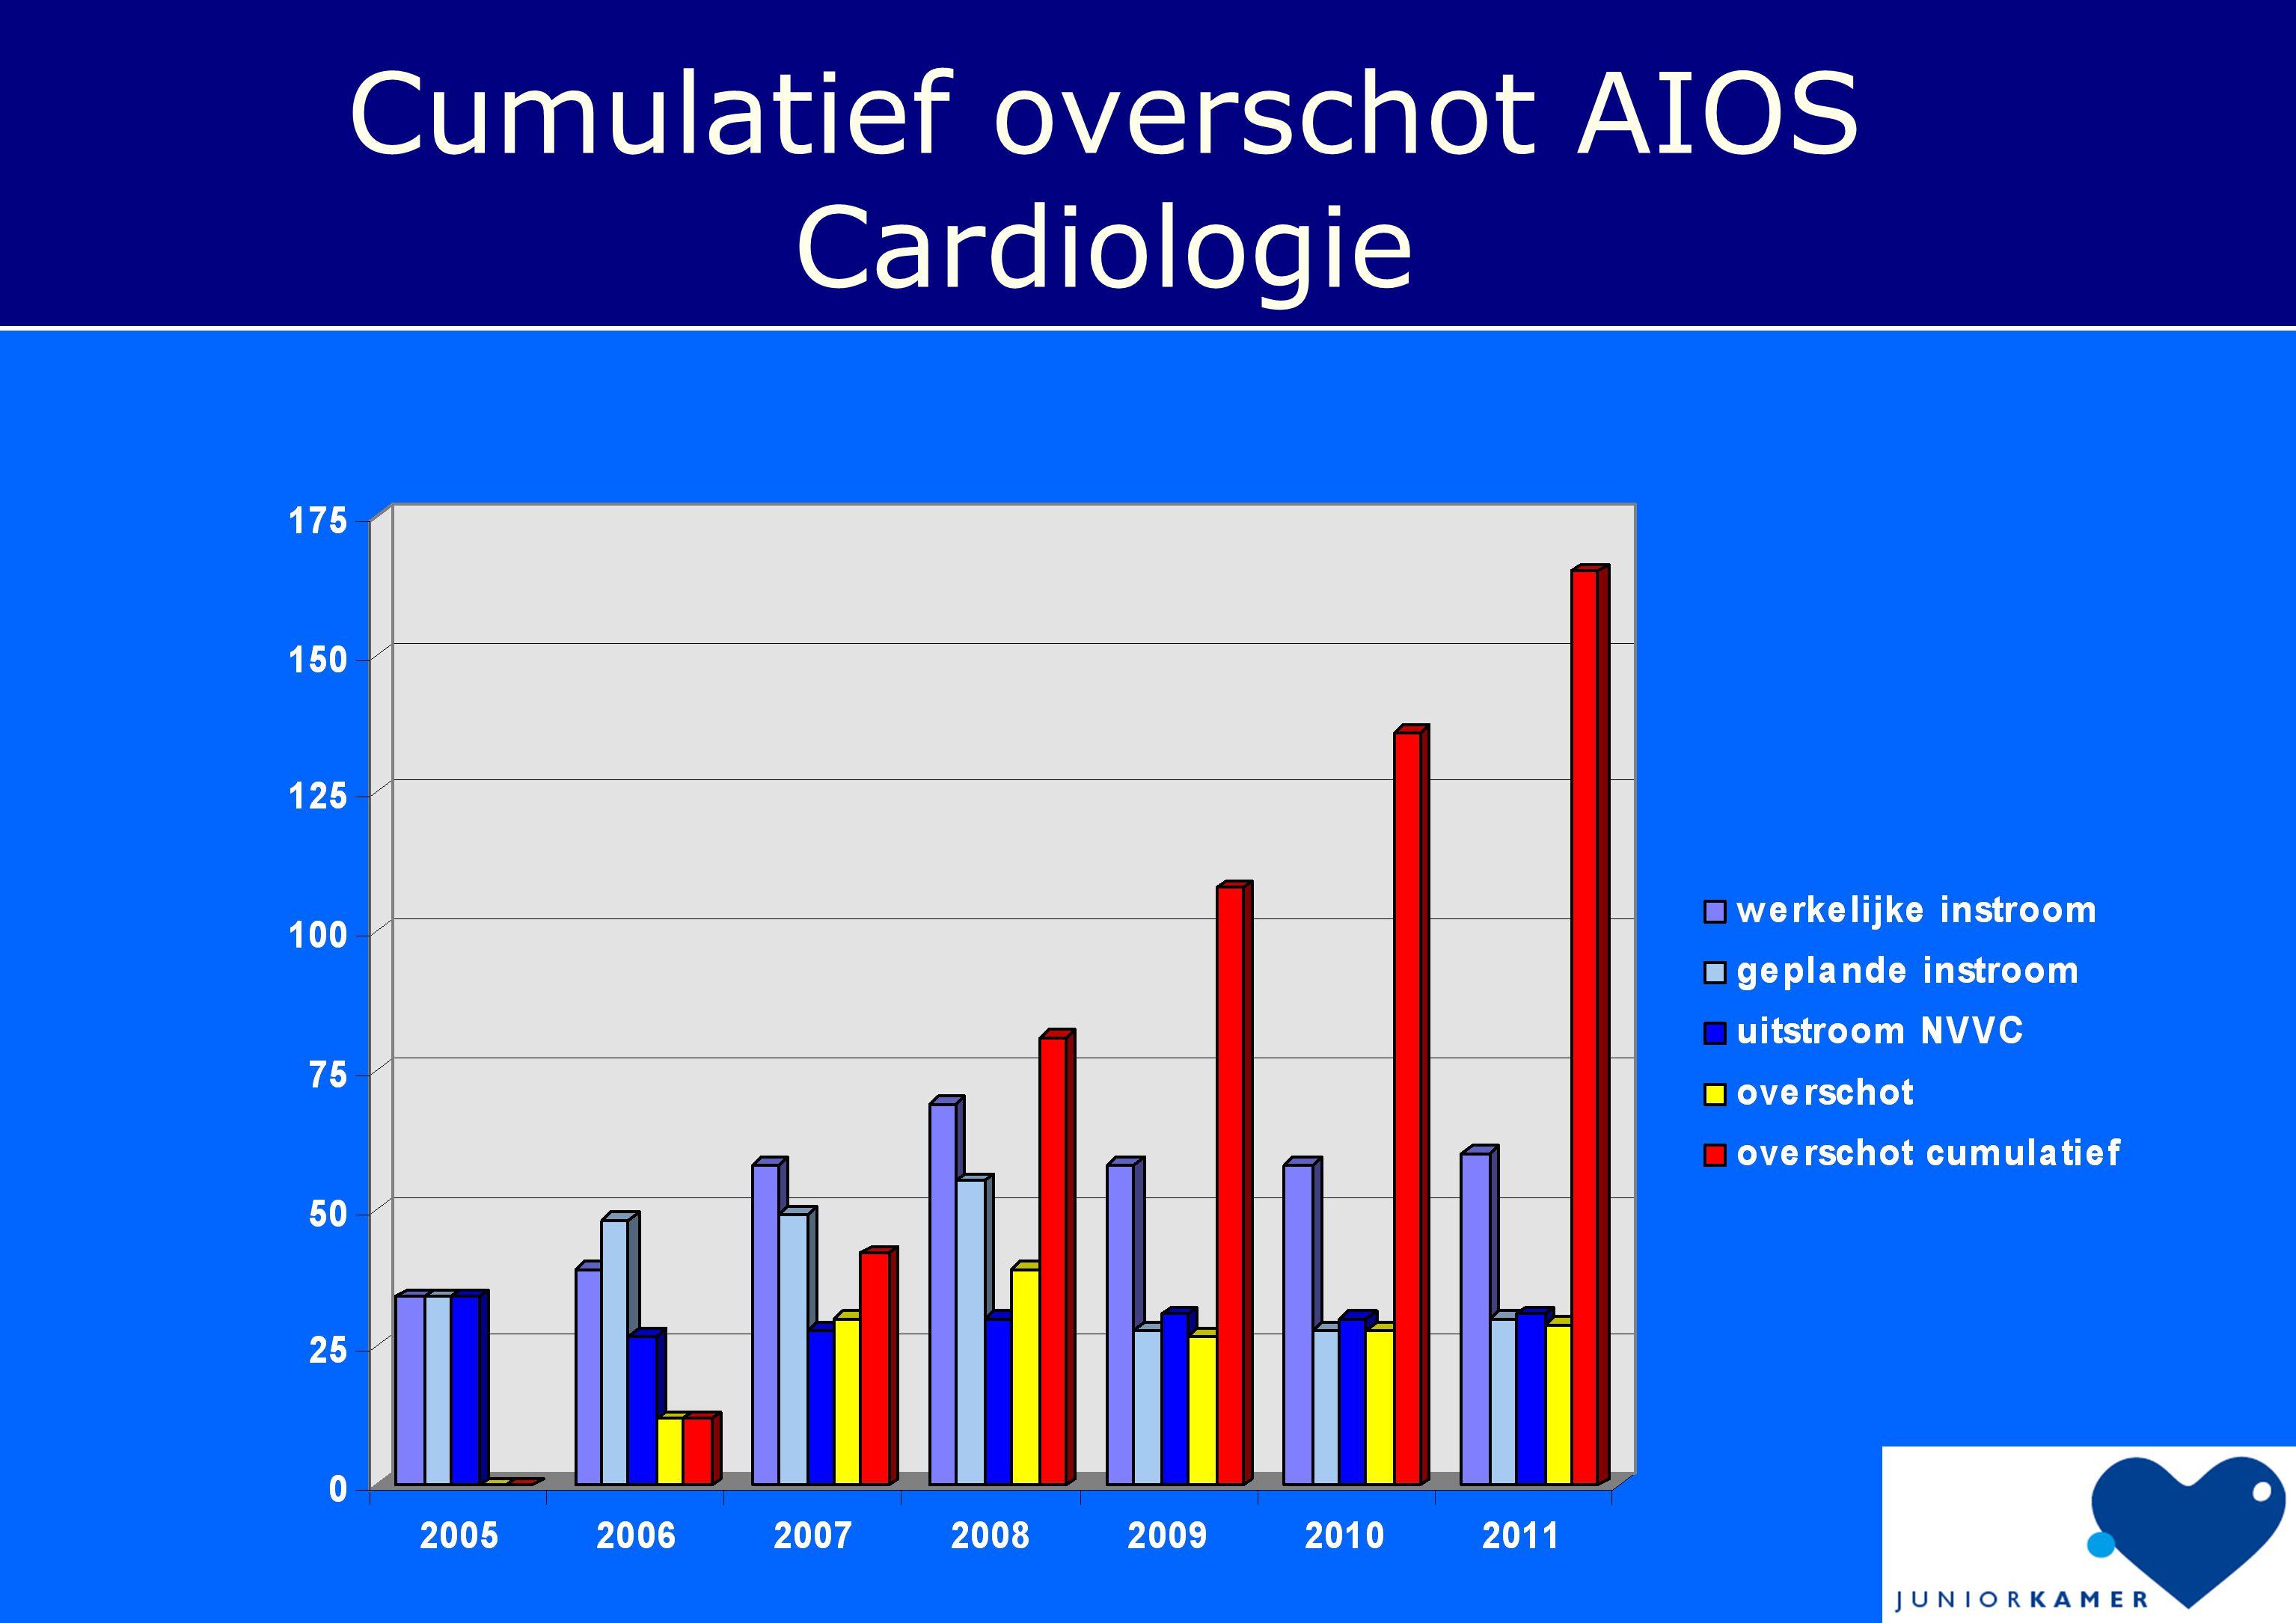 Cumulatief overschot AIOS Cardiologie